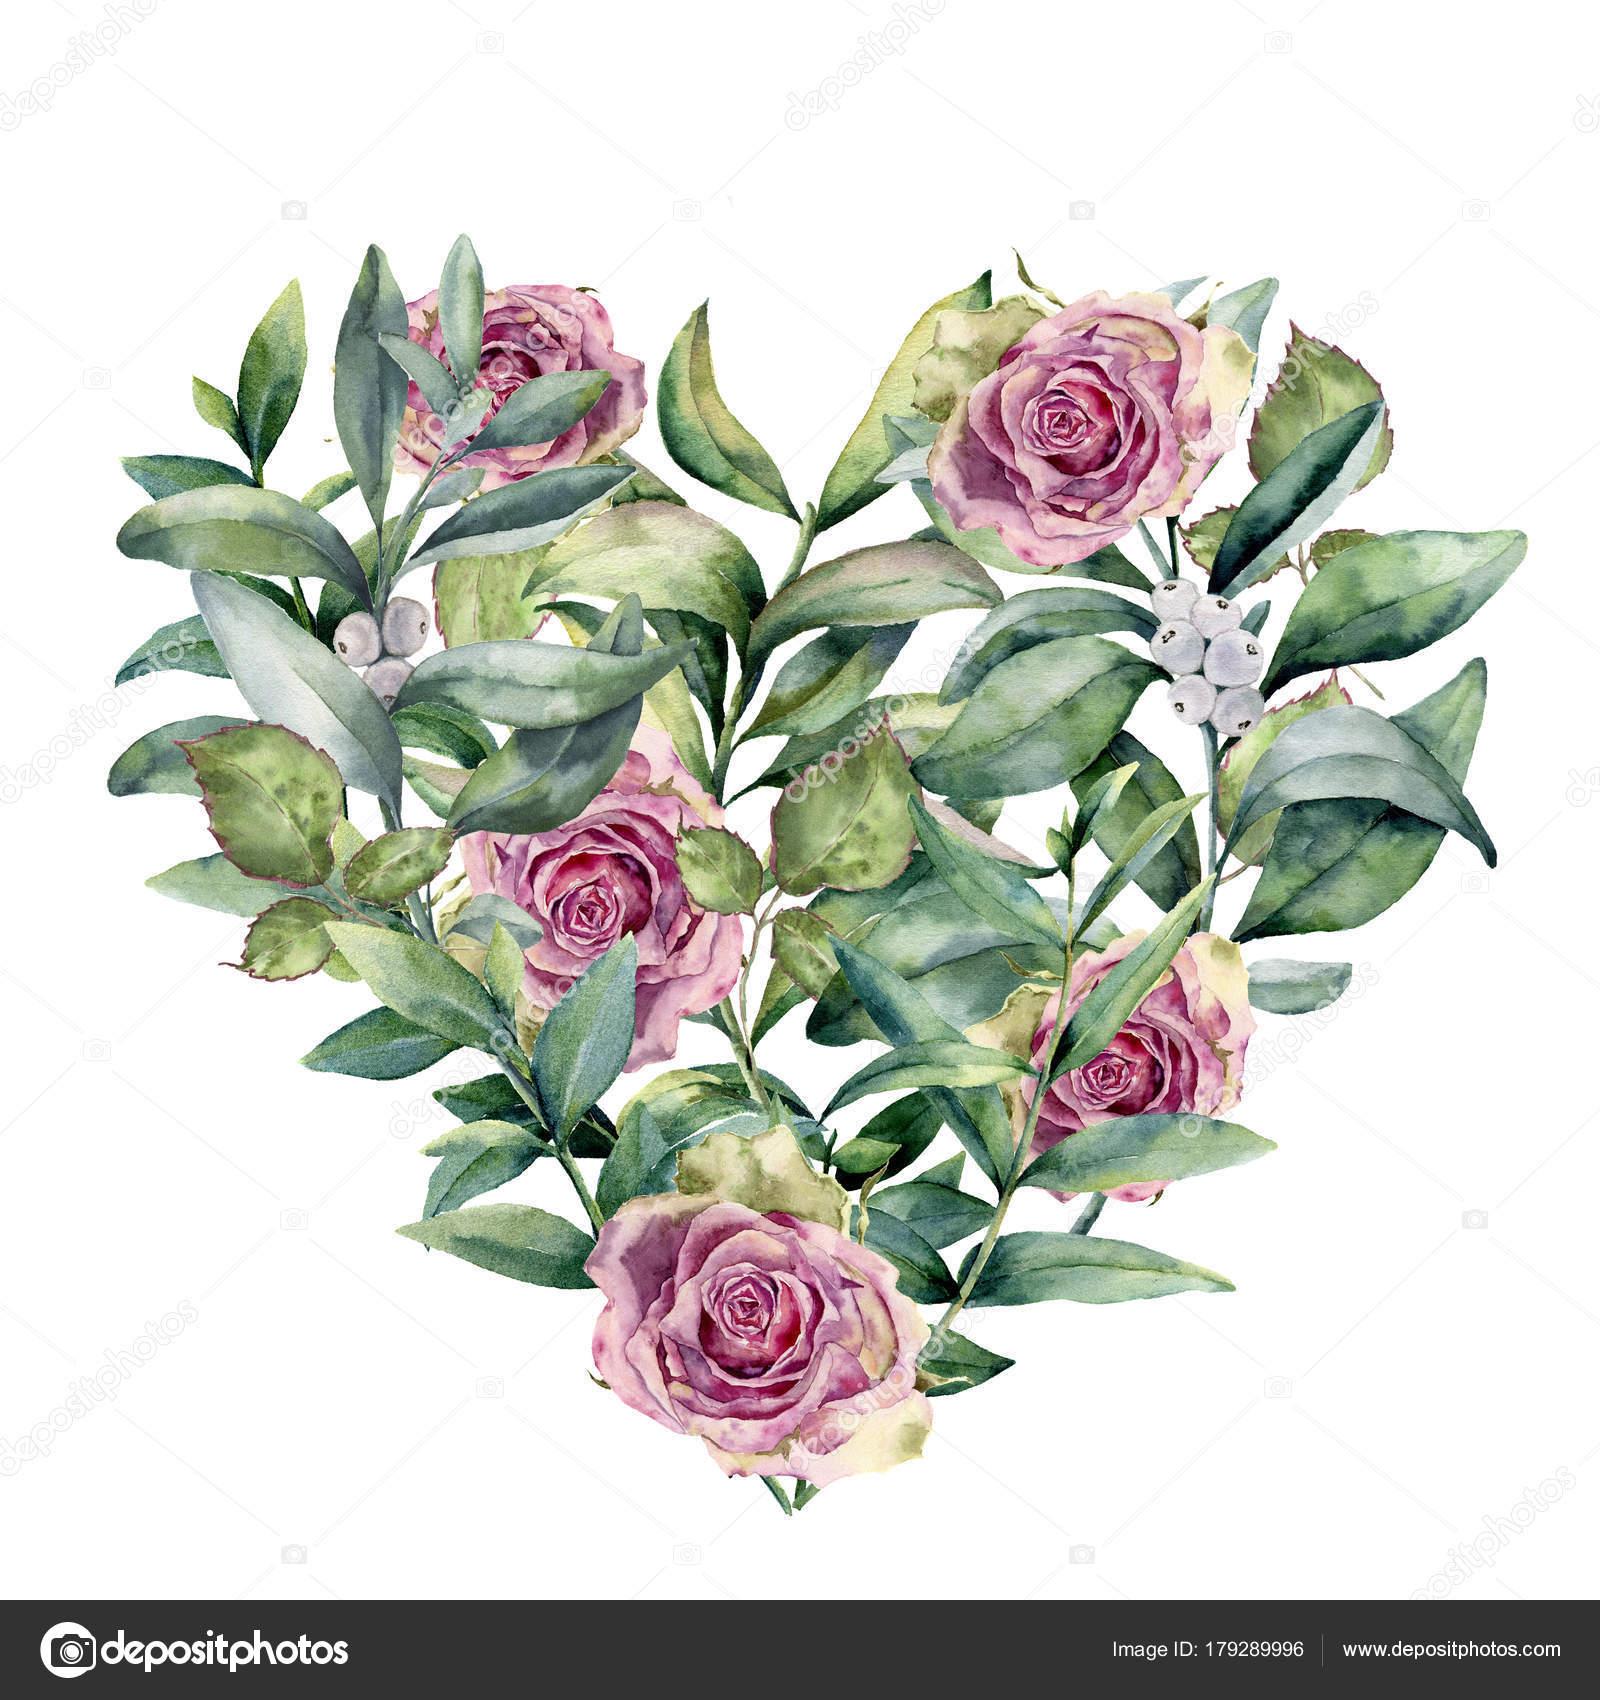 aquarell blumen herz mit rosen und eukalyptus handgemalte. Black Bedroom Furniture Sets. Home Design Ideas